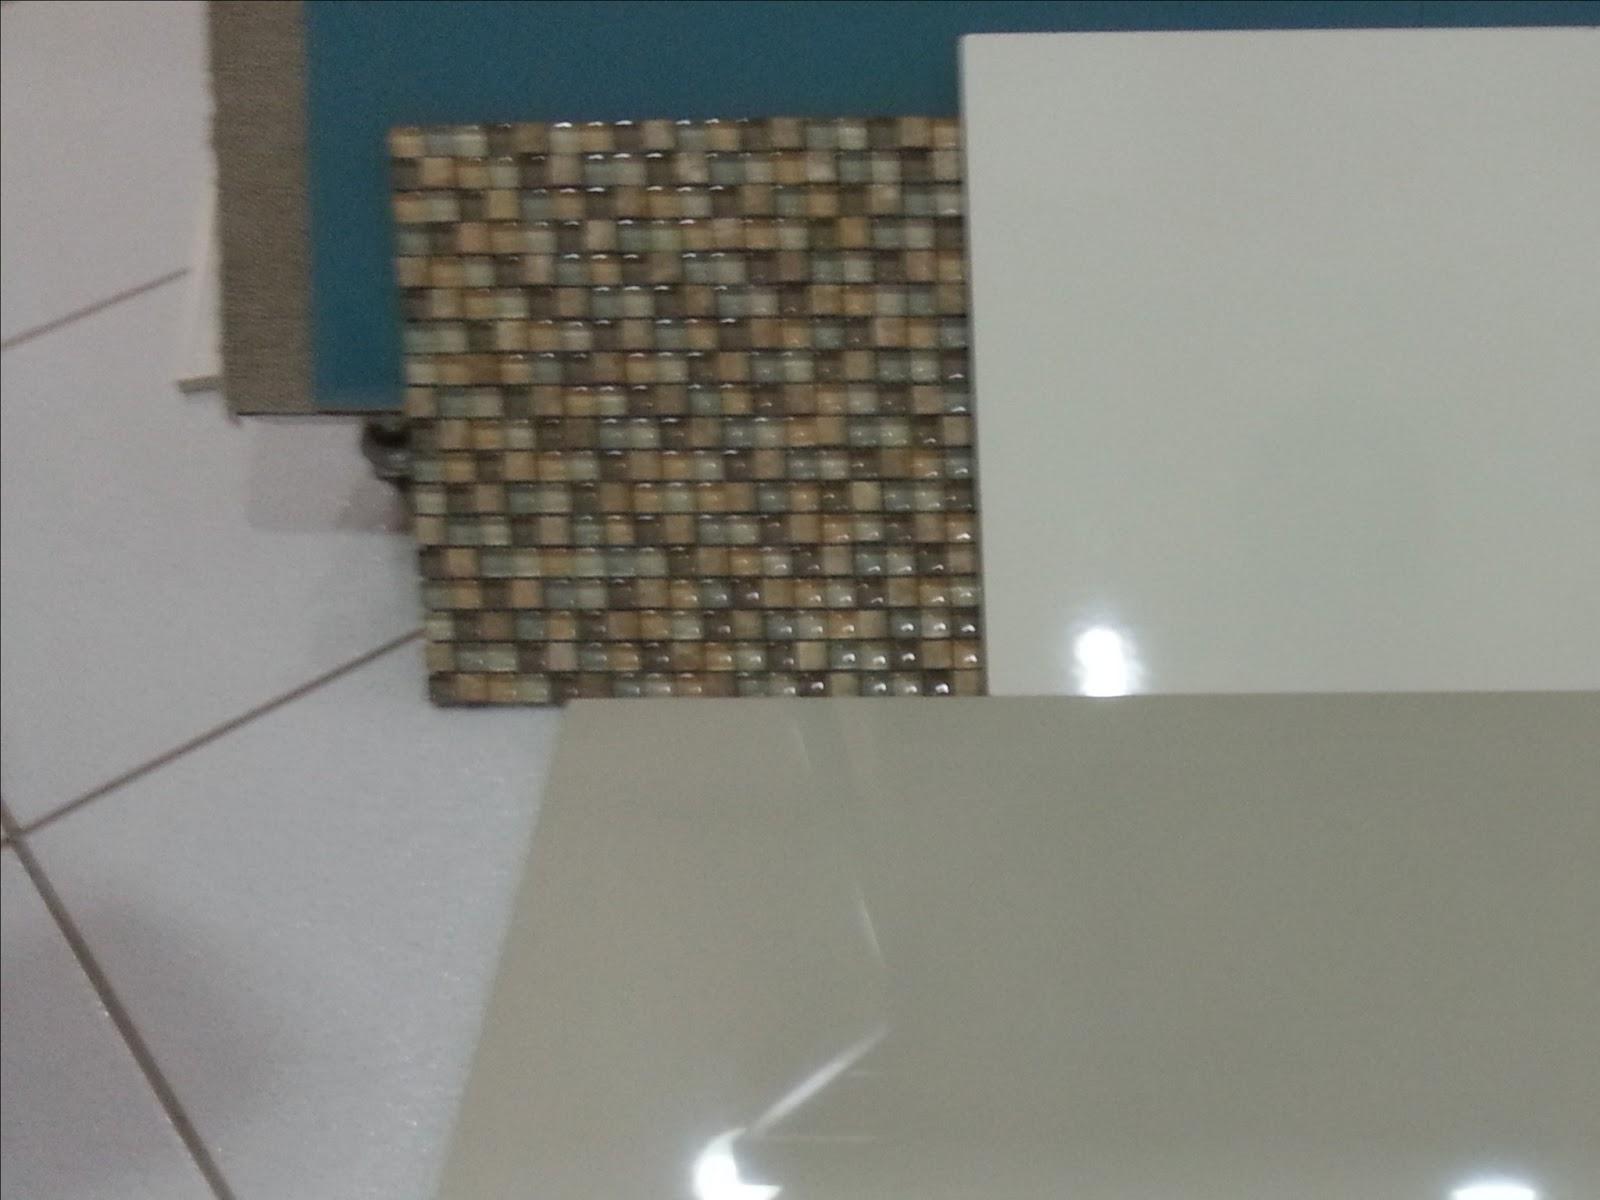 Acabamento banheiro infantil 2 Casa da Franci e Thiago #2C4A56 1600x1200 Banheiro Acabamento